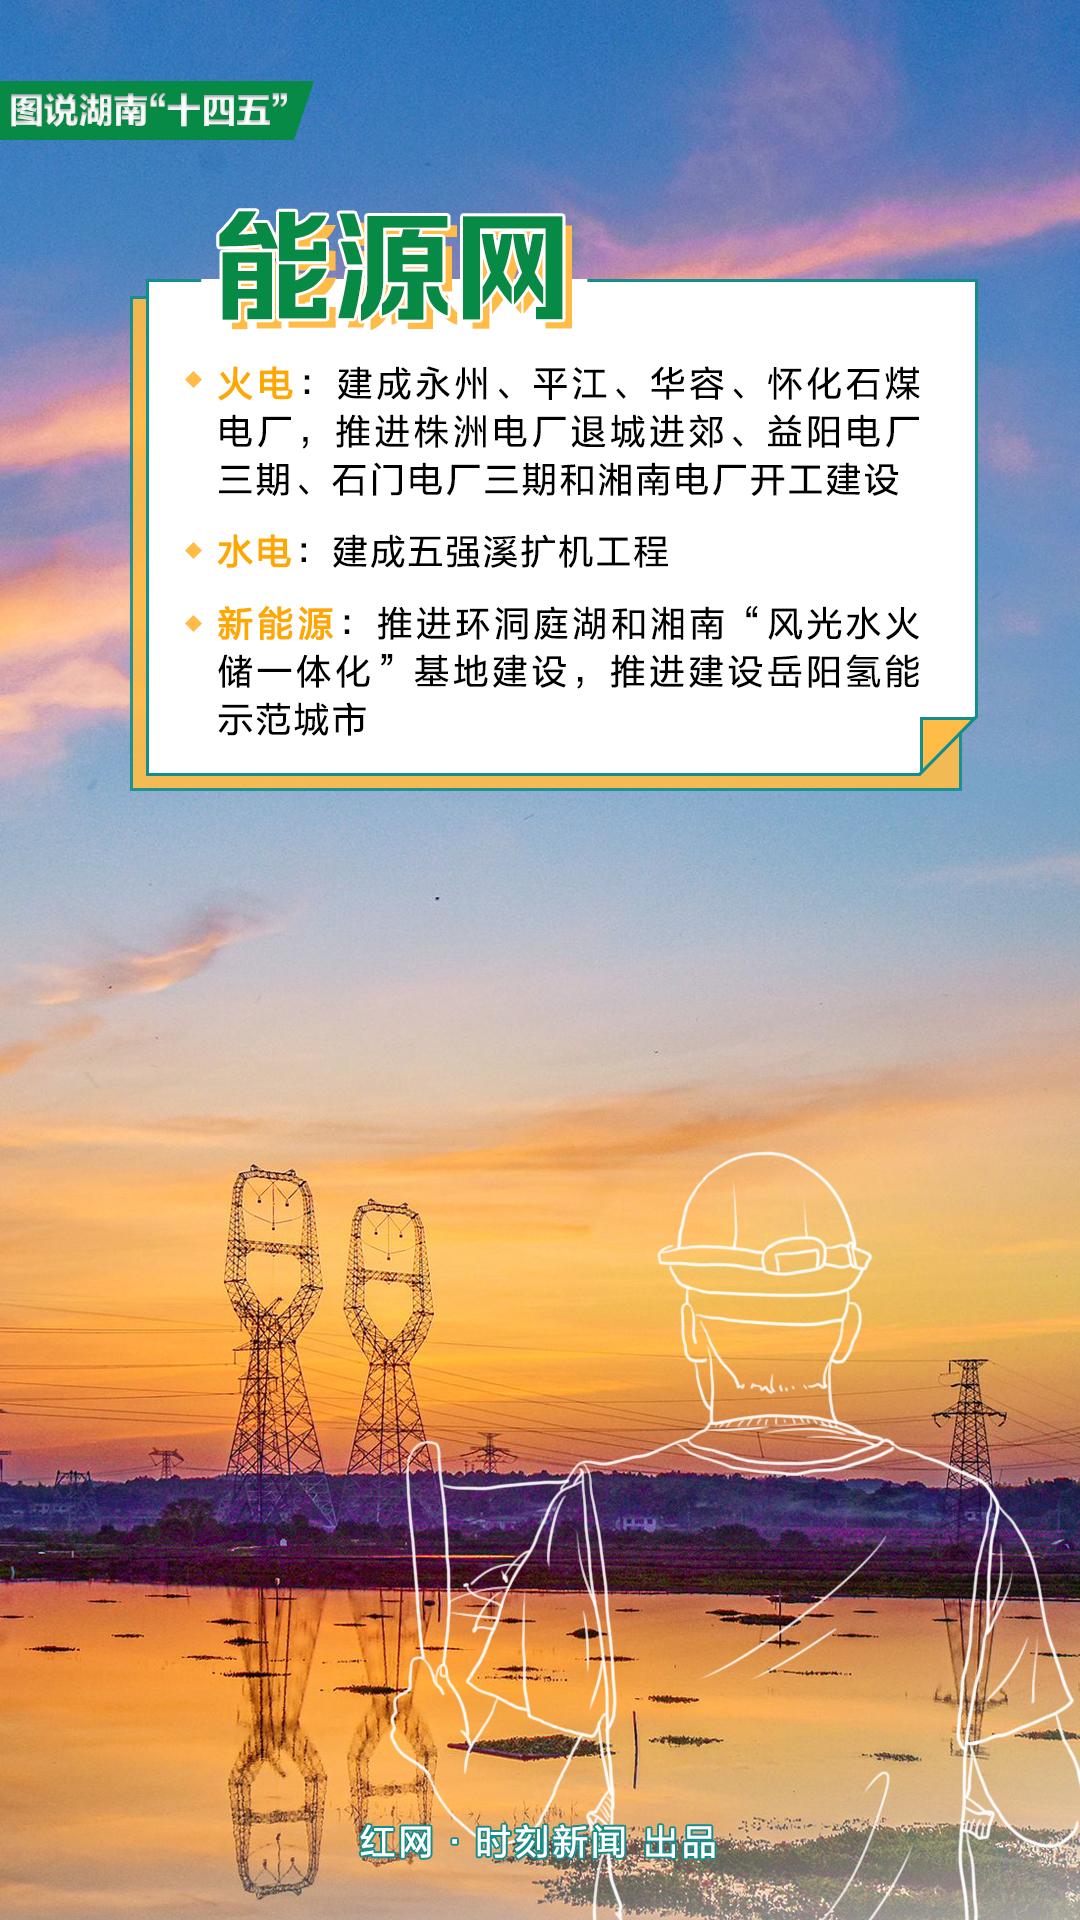 能源网.jpg